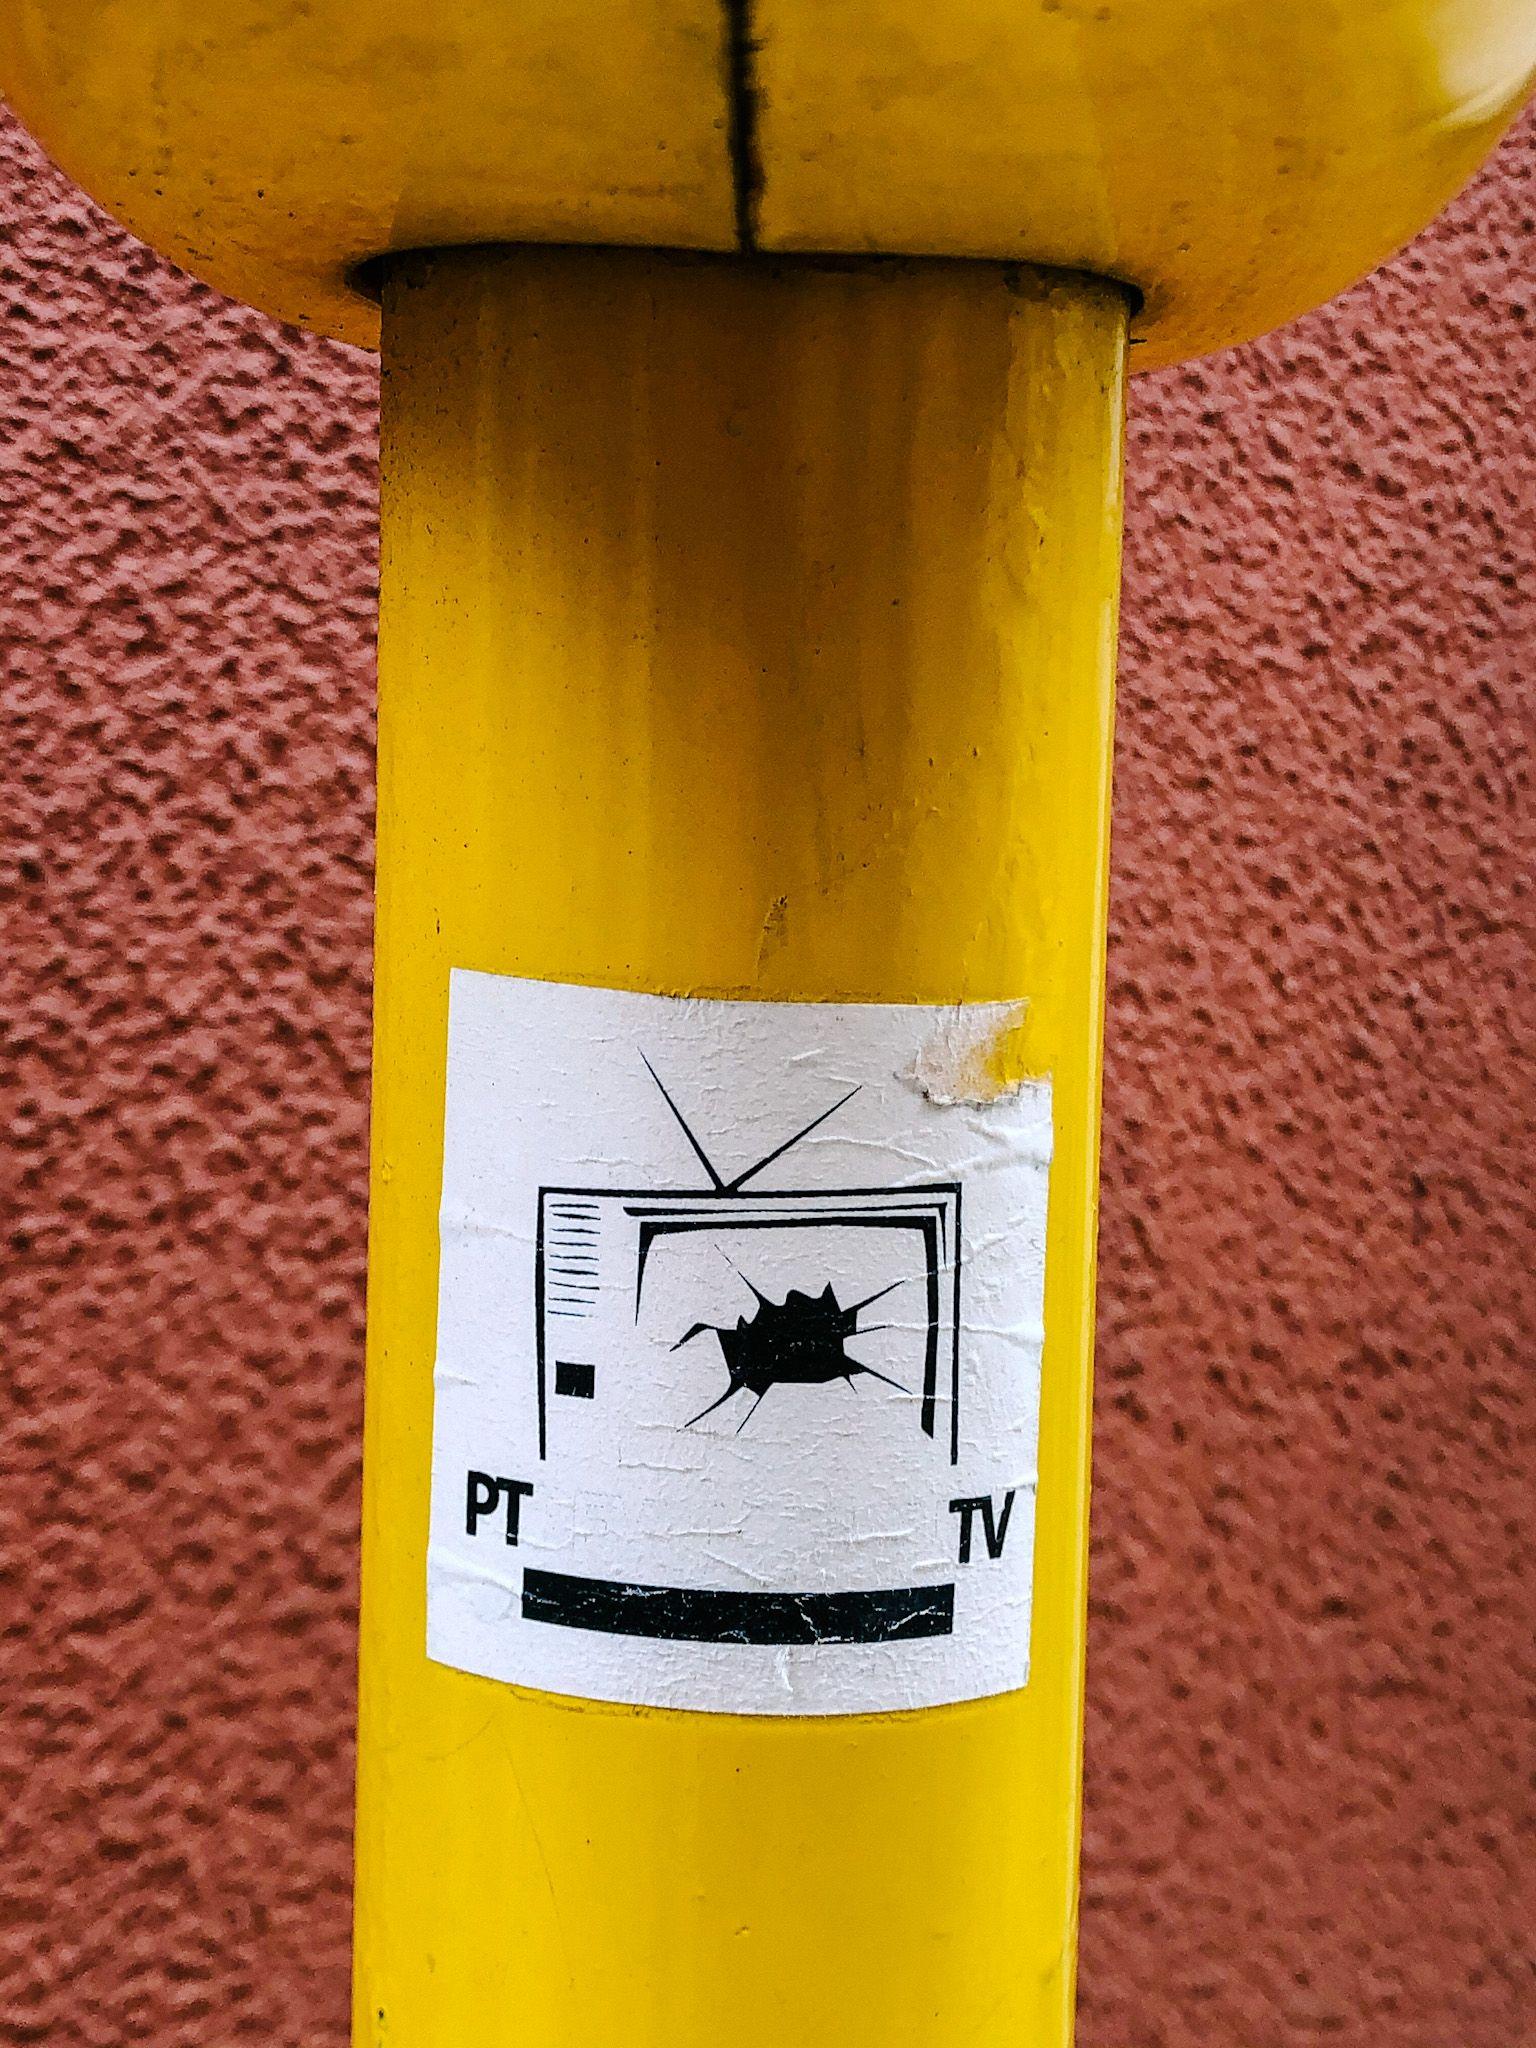 pt tv